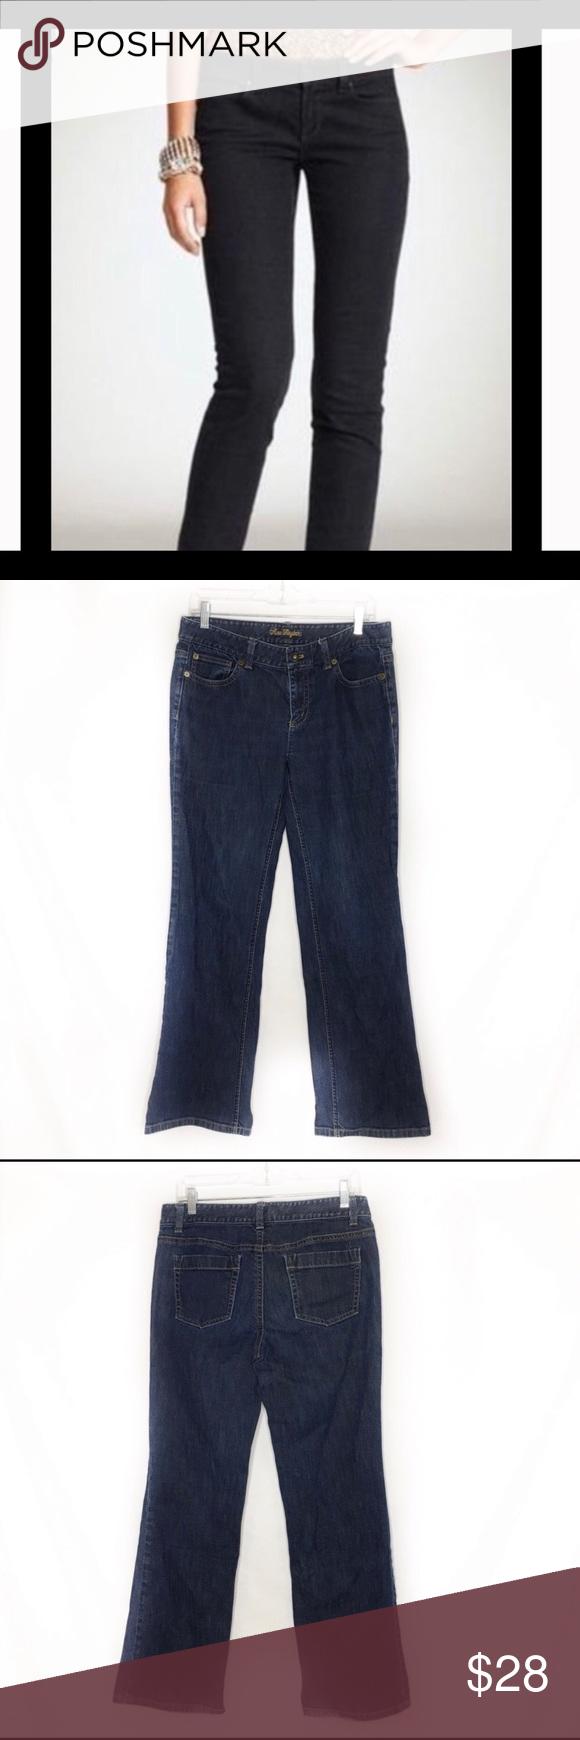 Ann Taylor Denim Modern Fit Lindsay Waist Jeans Denim Blue 5 Pocket Button Zipper Fly Closure Excellent Condition Cotton El Clothes Design Modern Fit Jeans